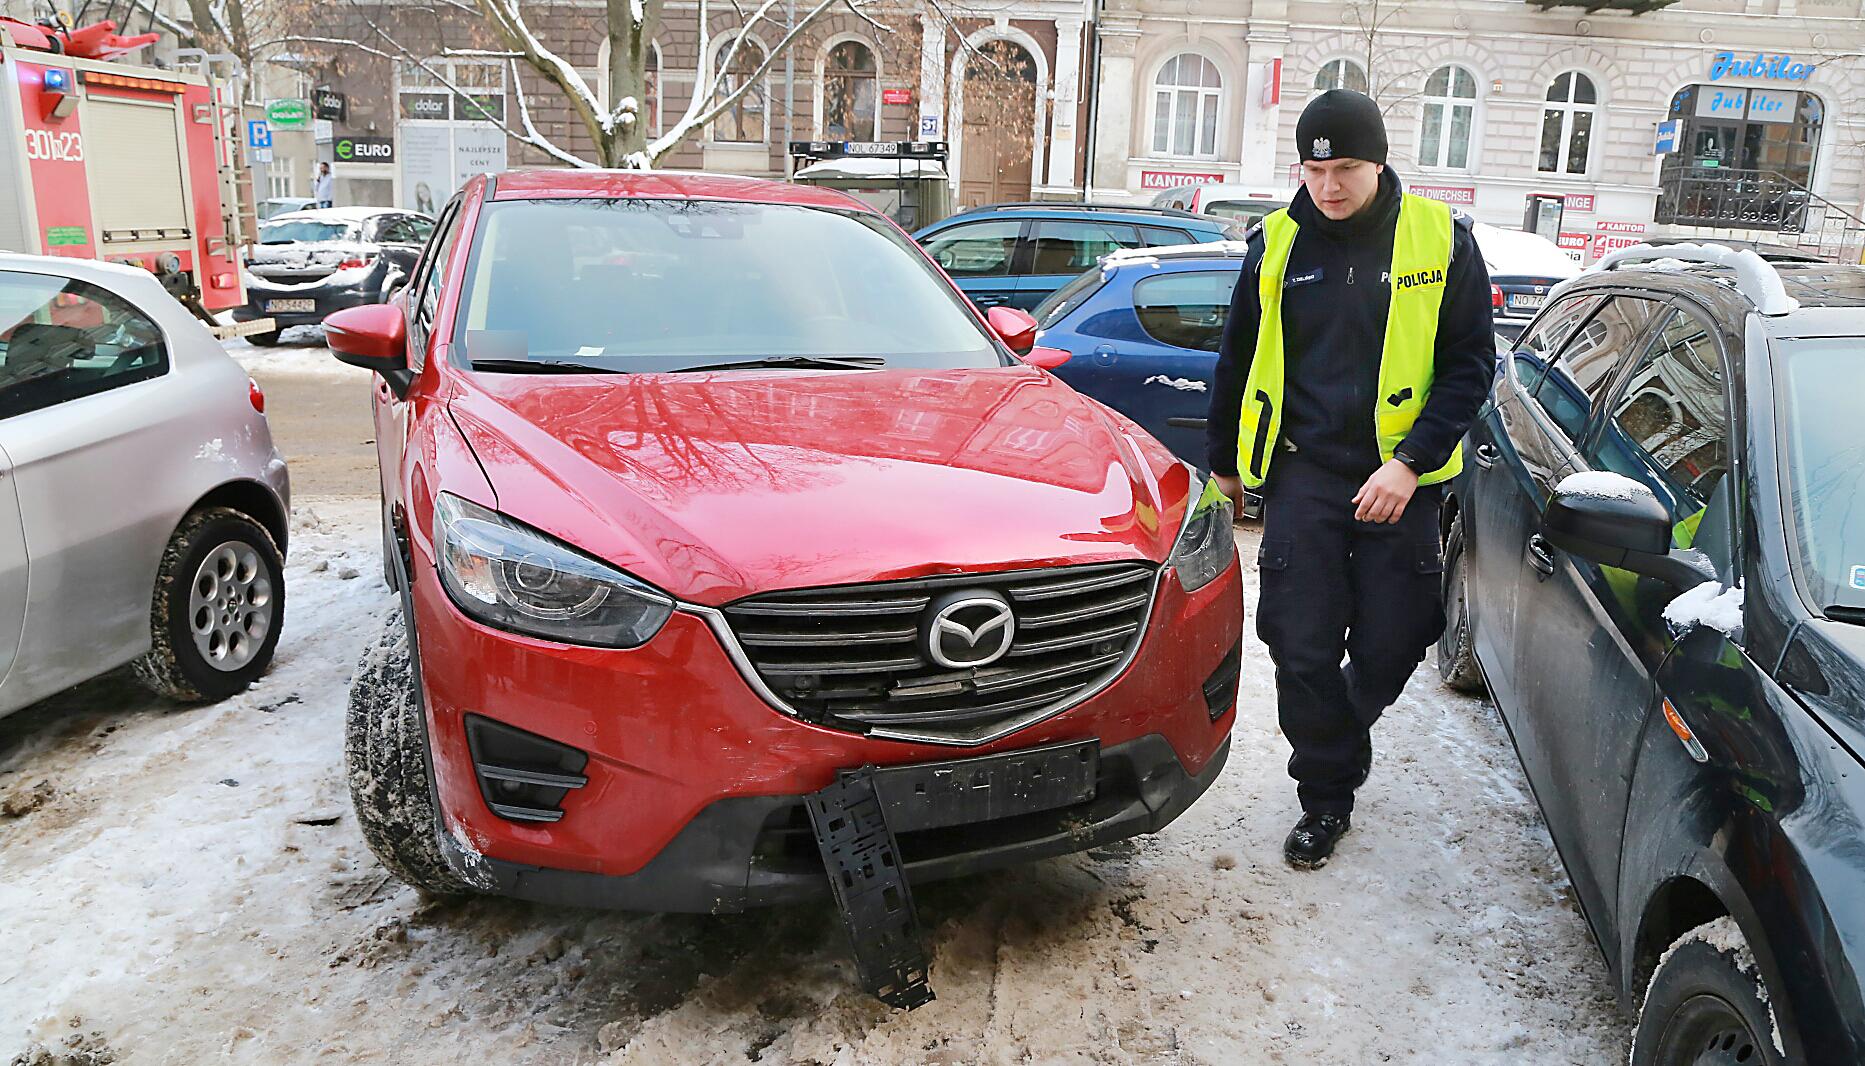 na stopach o fabrycznie autentyczne niska cena sprzedaży Wypadek w centrum Olsztyna. 73-letnia kobieta nie ustąpiła ...